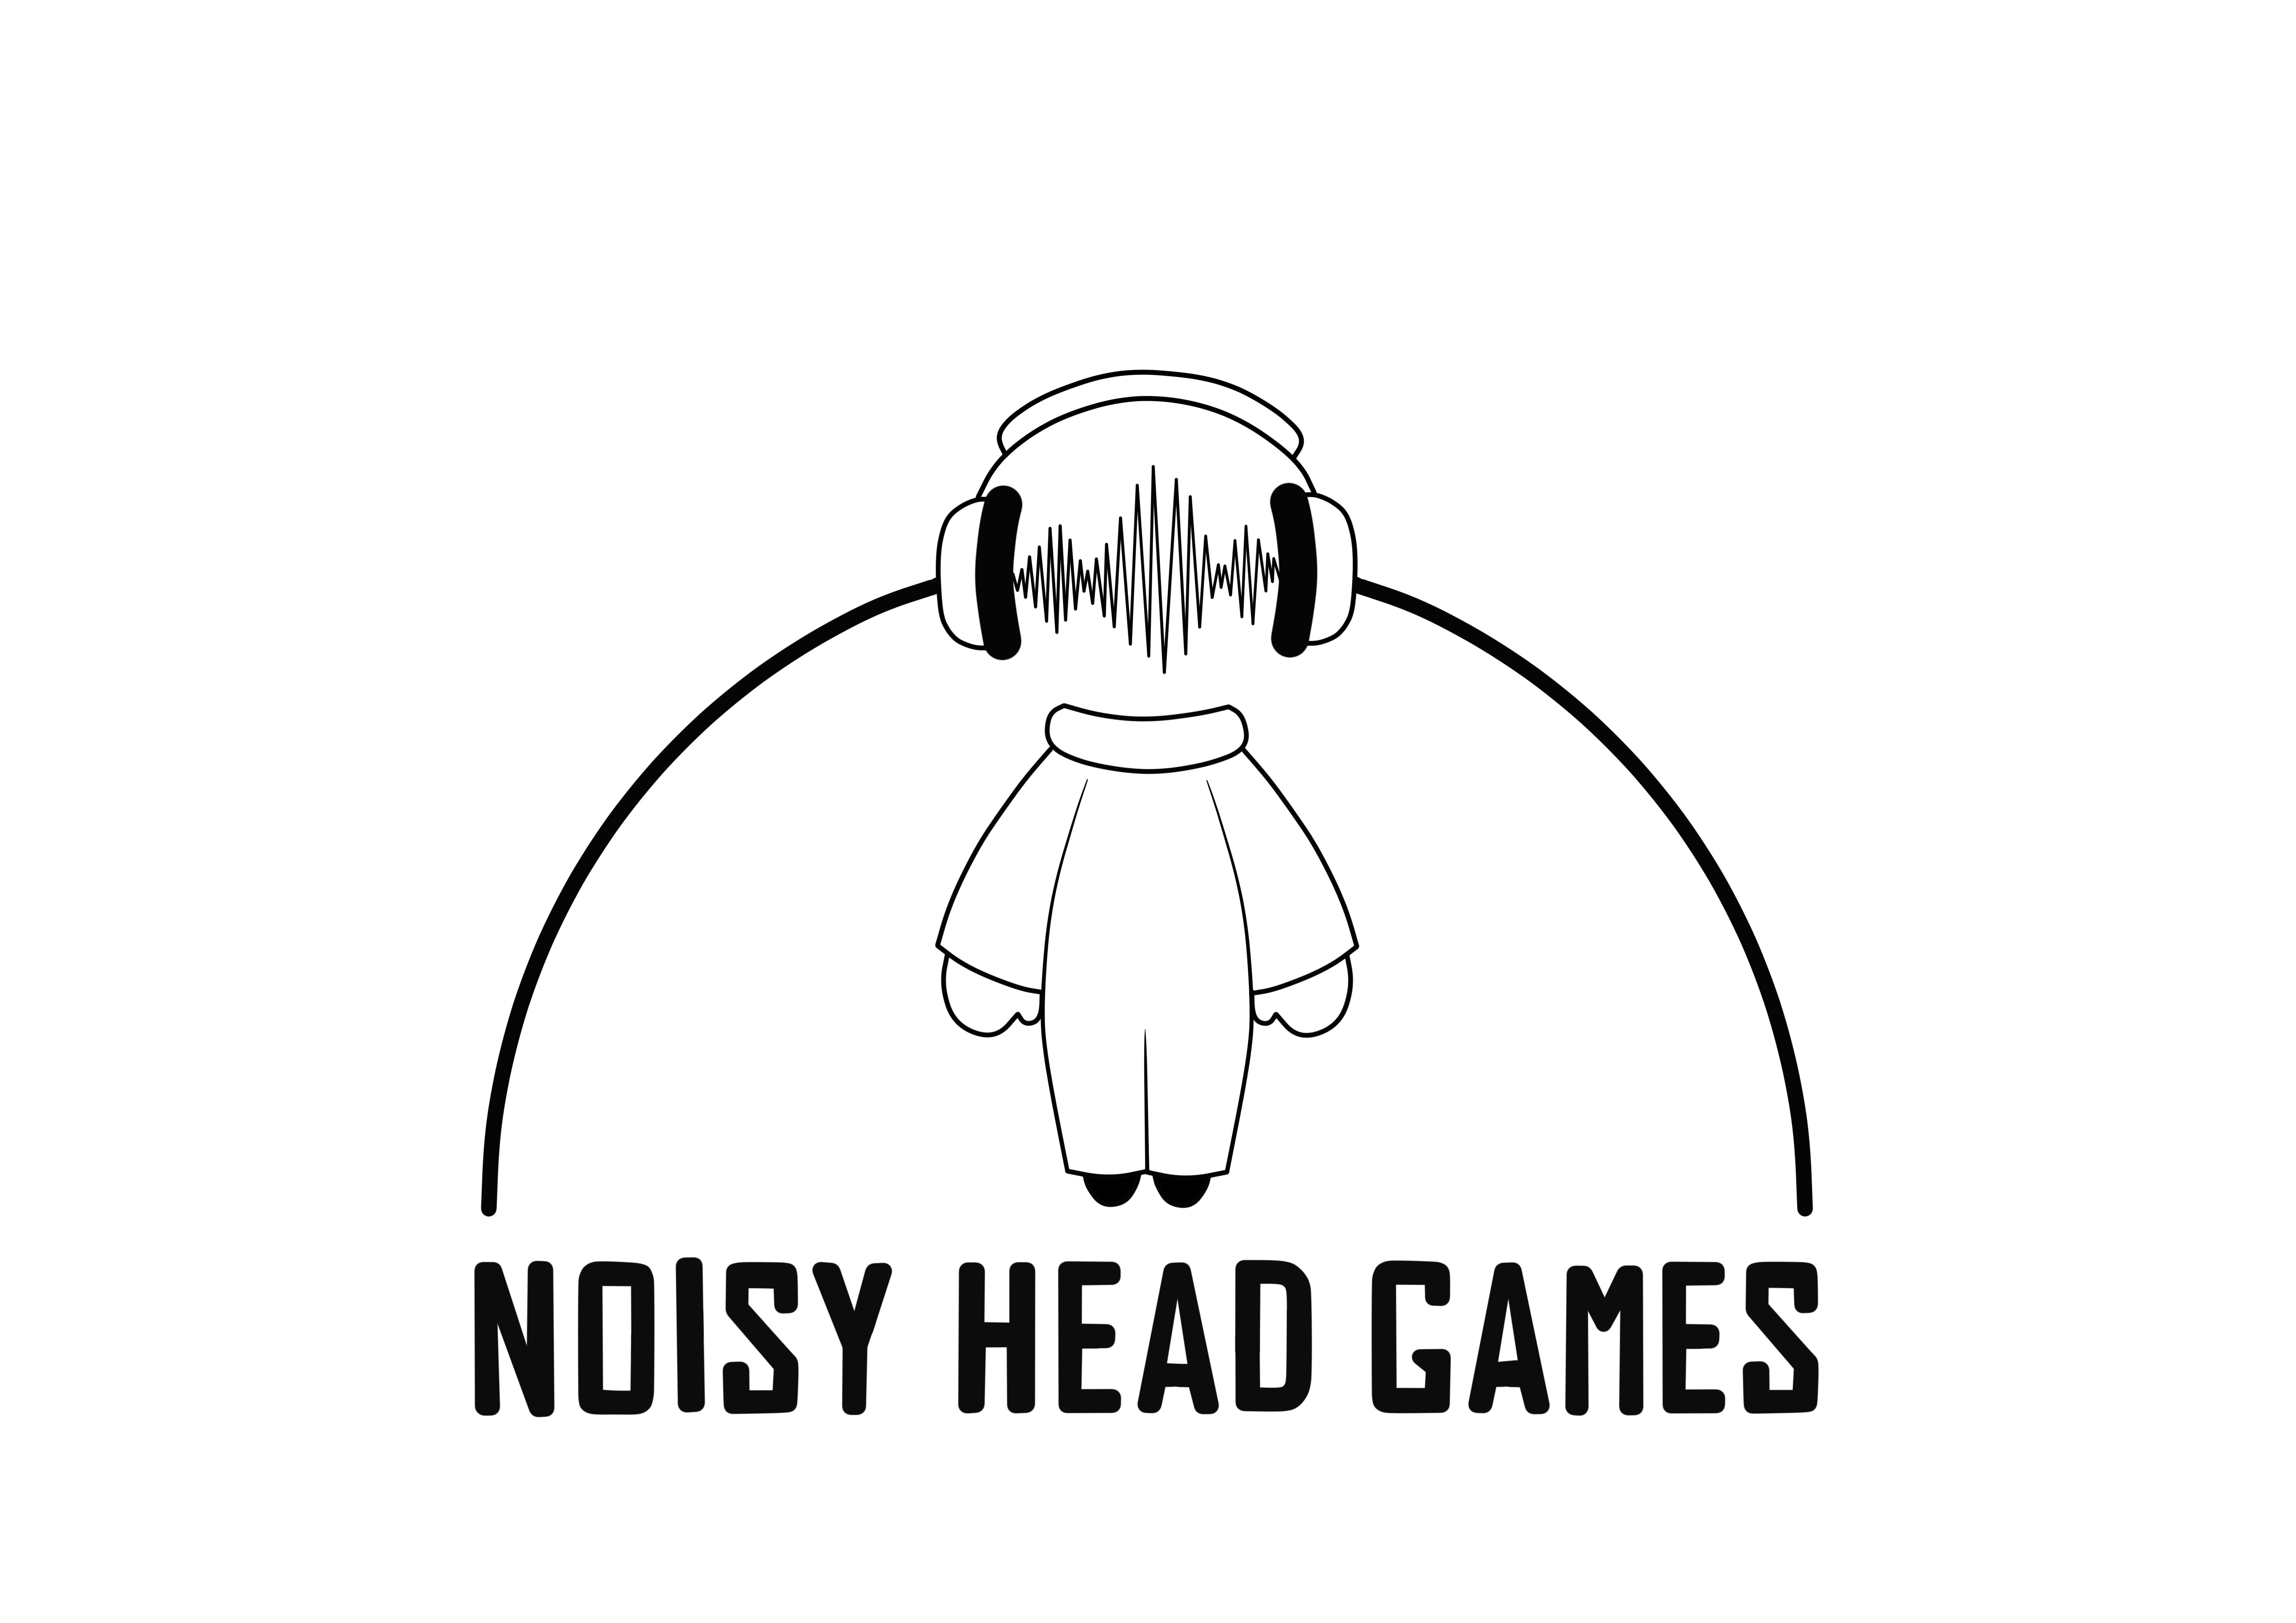 Noisy Head Games